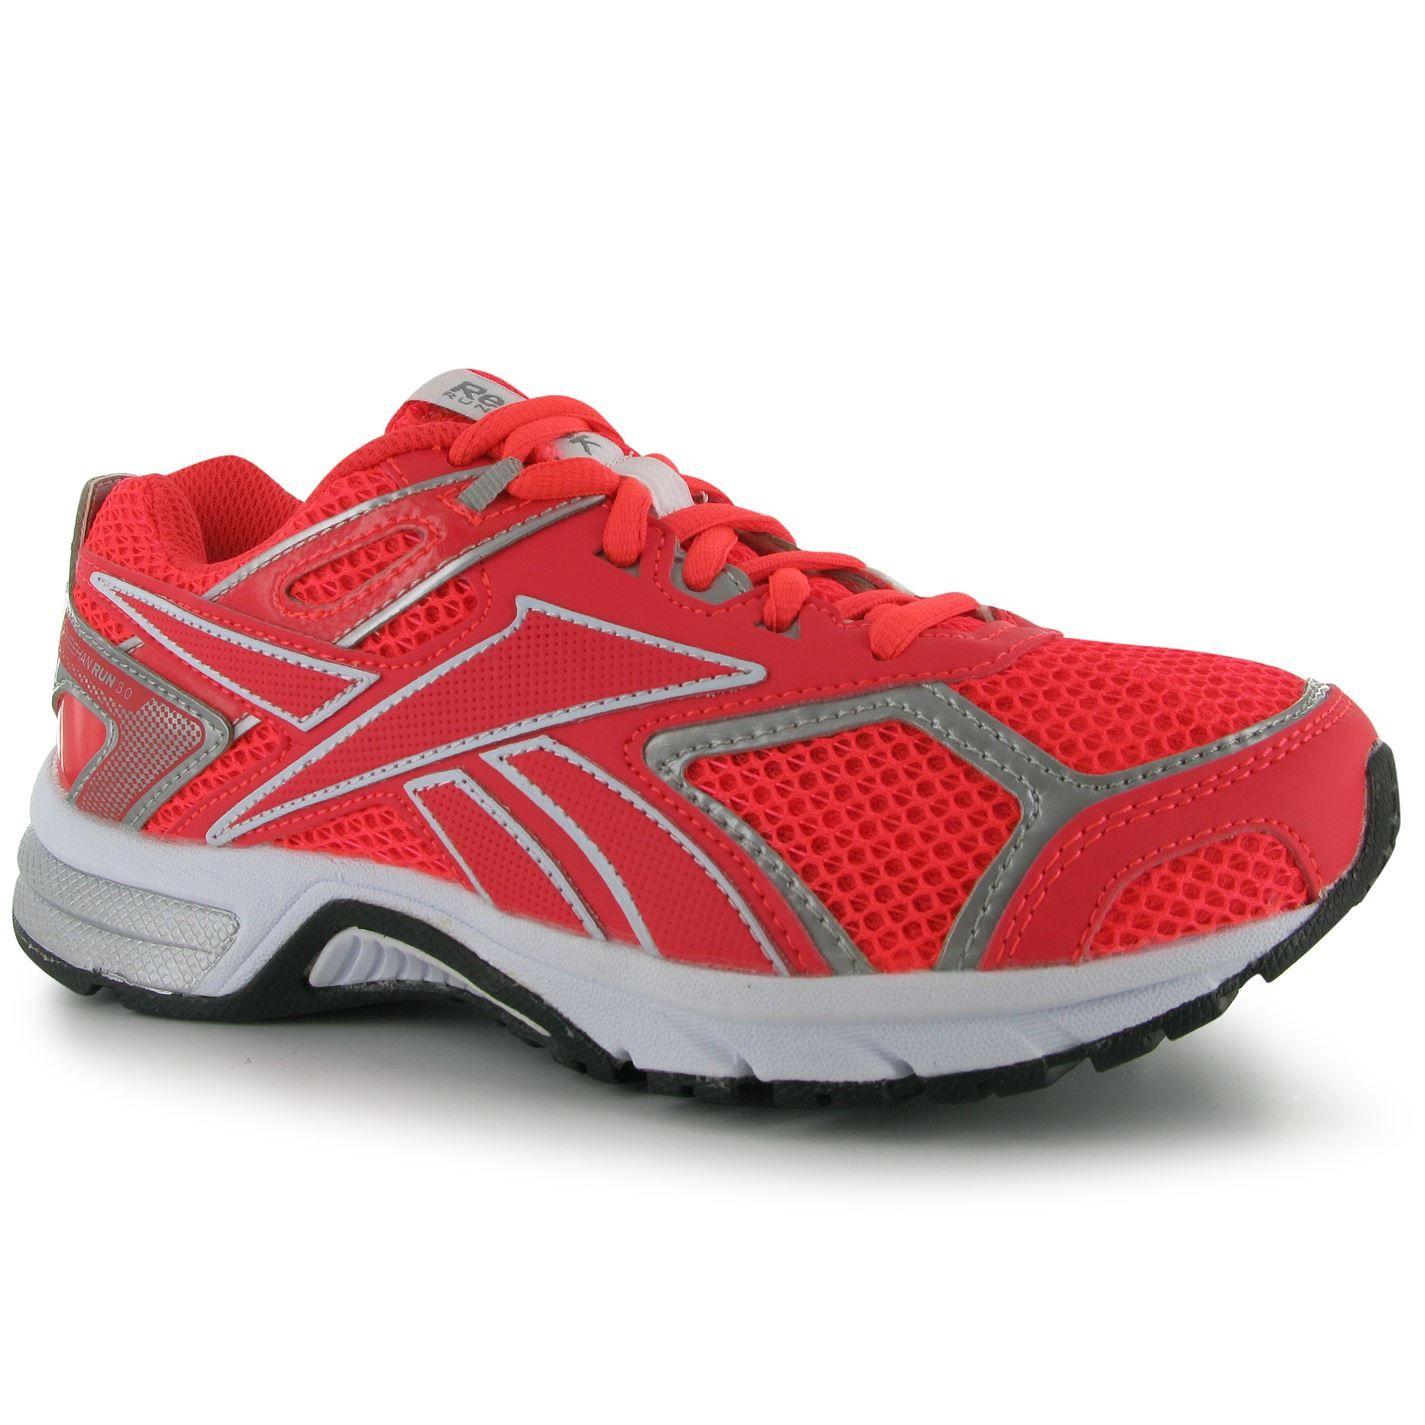 Pheehan Run3 Ladies. Woman RunningWomen Running ShoesReebokChang\u0027e 3